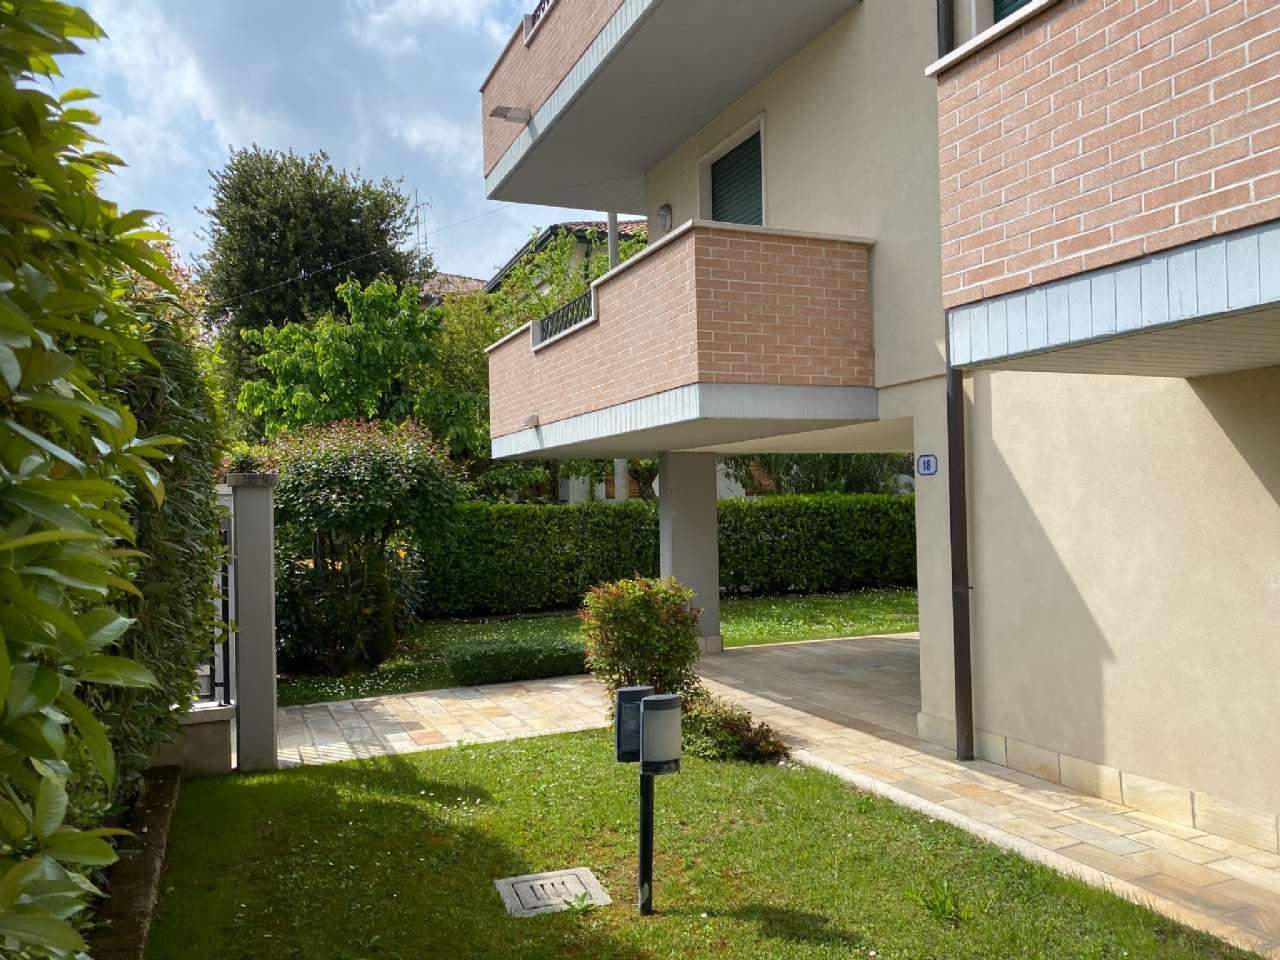 Attico, Via Monte Pasubio, Quartiere San Giuseppe, Padova, foto 17